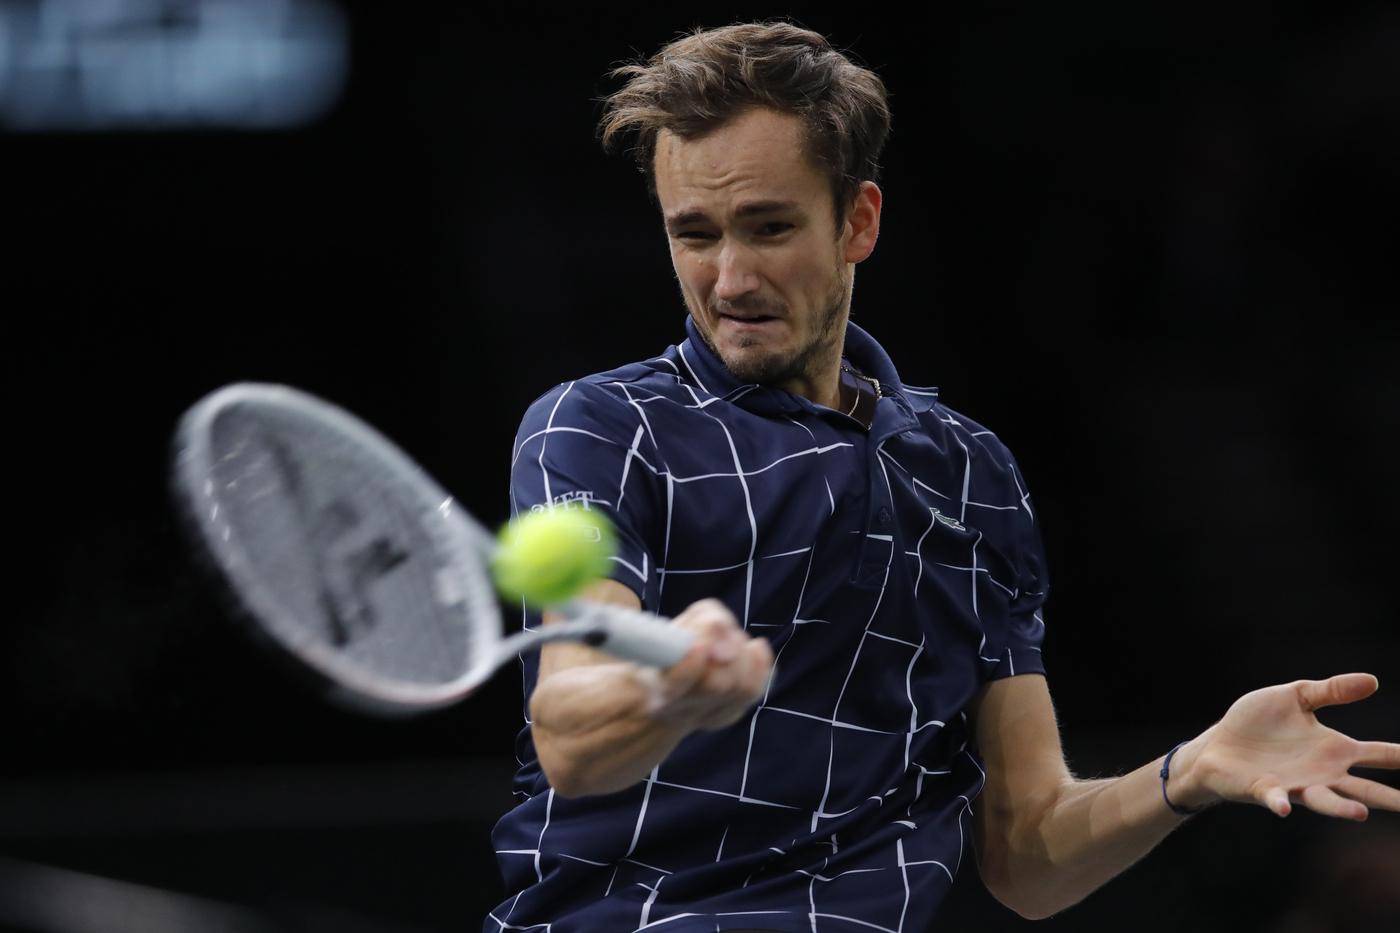 Quanti soldi ha guadagnato Daniil Medvedev vincendo le ATP Finals? Montepremi faraonico |  tutte le cifre